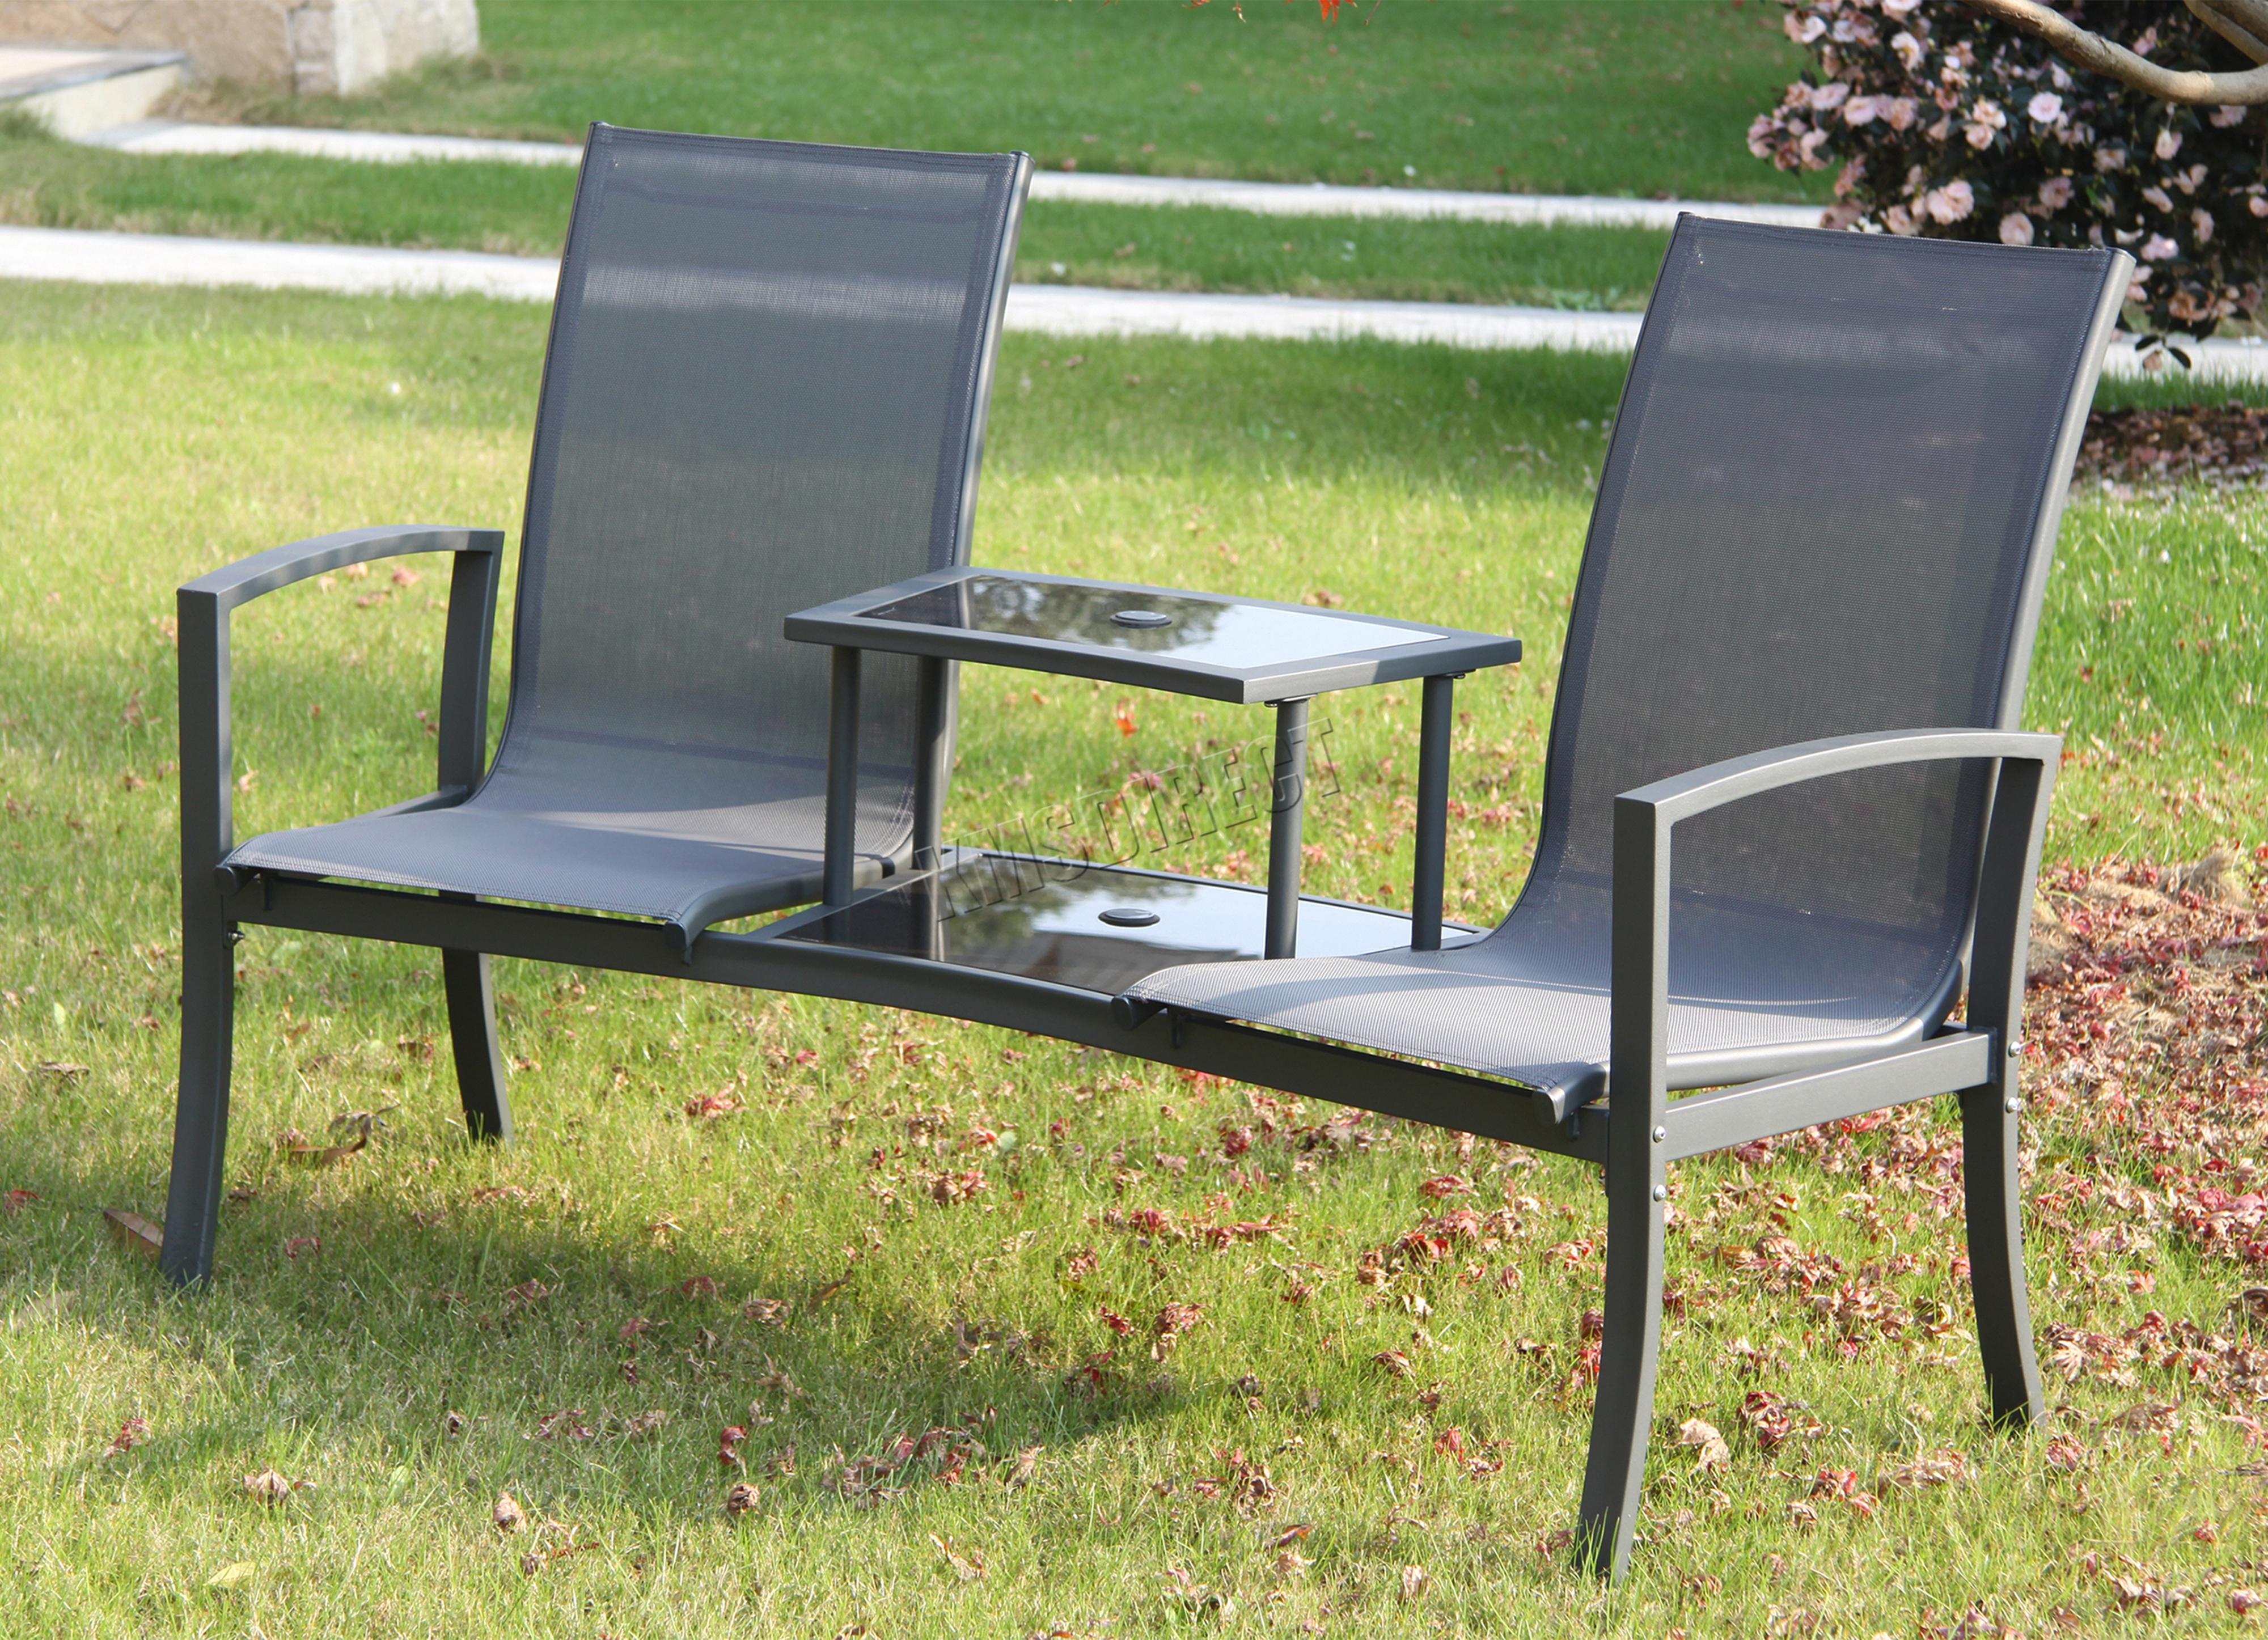 FoxHunter Outdoor Garden Love Seat Patio Twin Companion